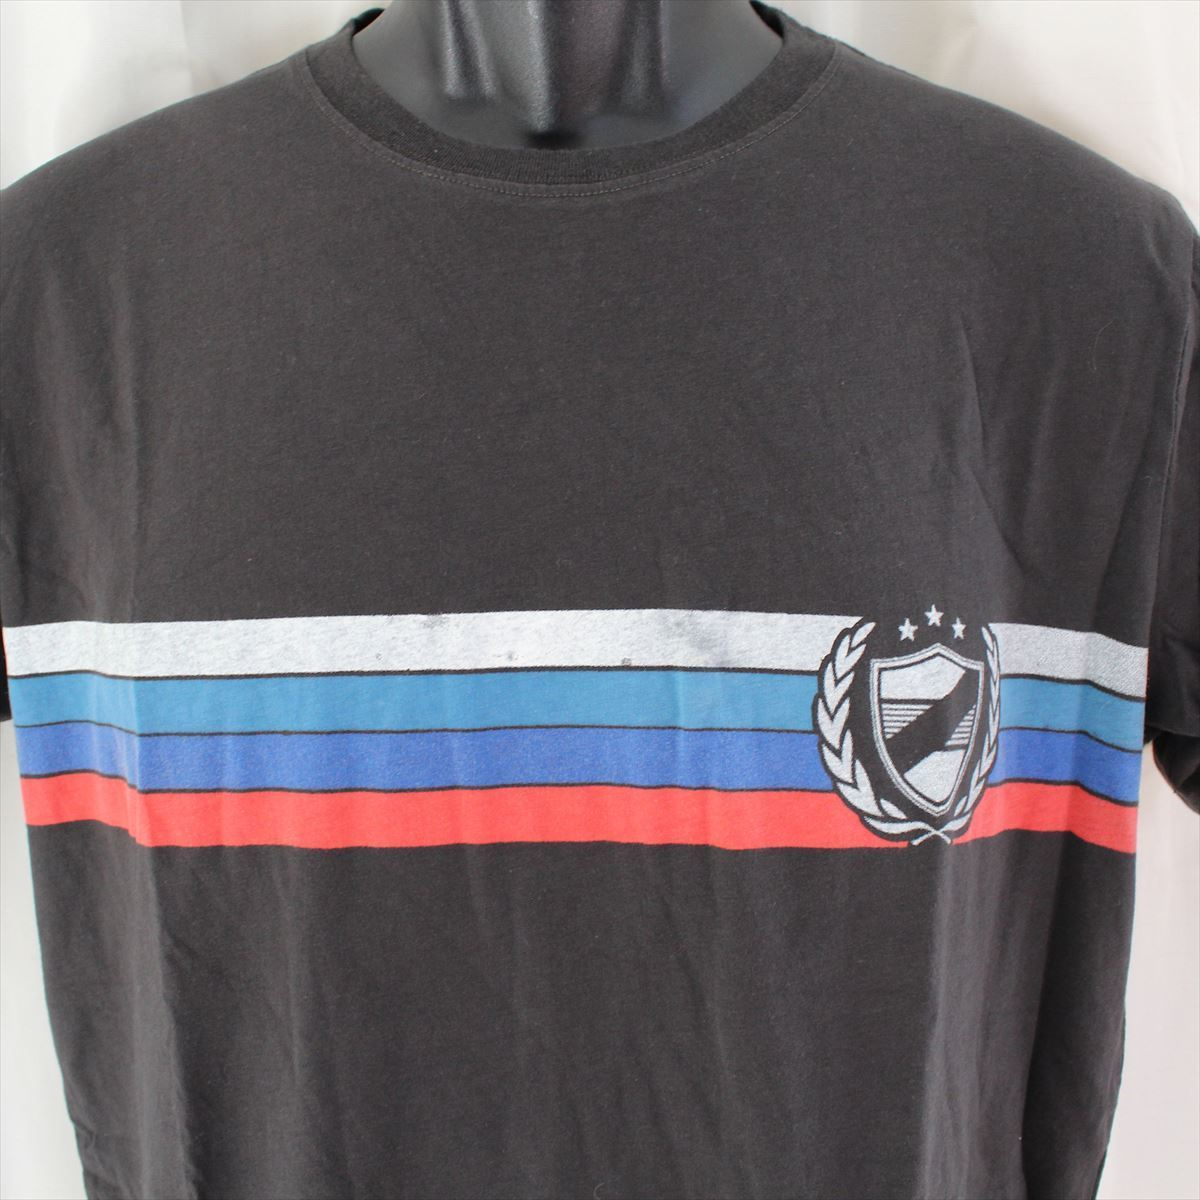 ゼインローブ ZANEROBE メンズ半袖Tシャツ ブラック Sサイズ 新品_画像2